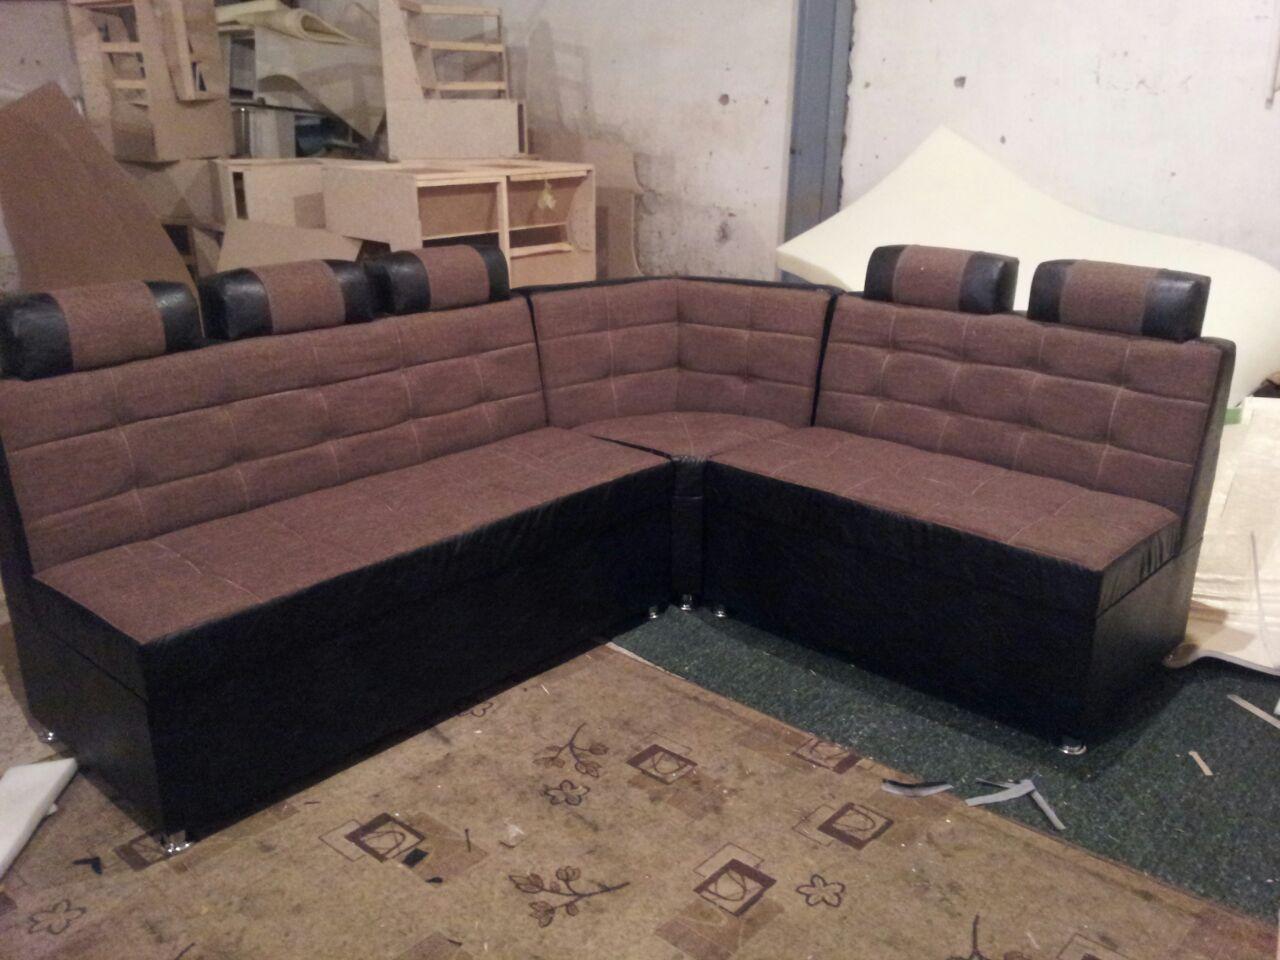 кухонный уголок 4 мебель в ташкенте